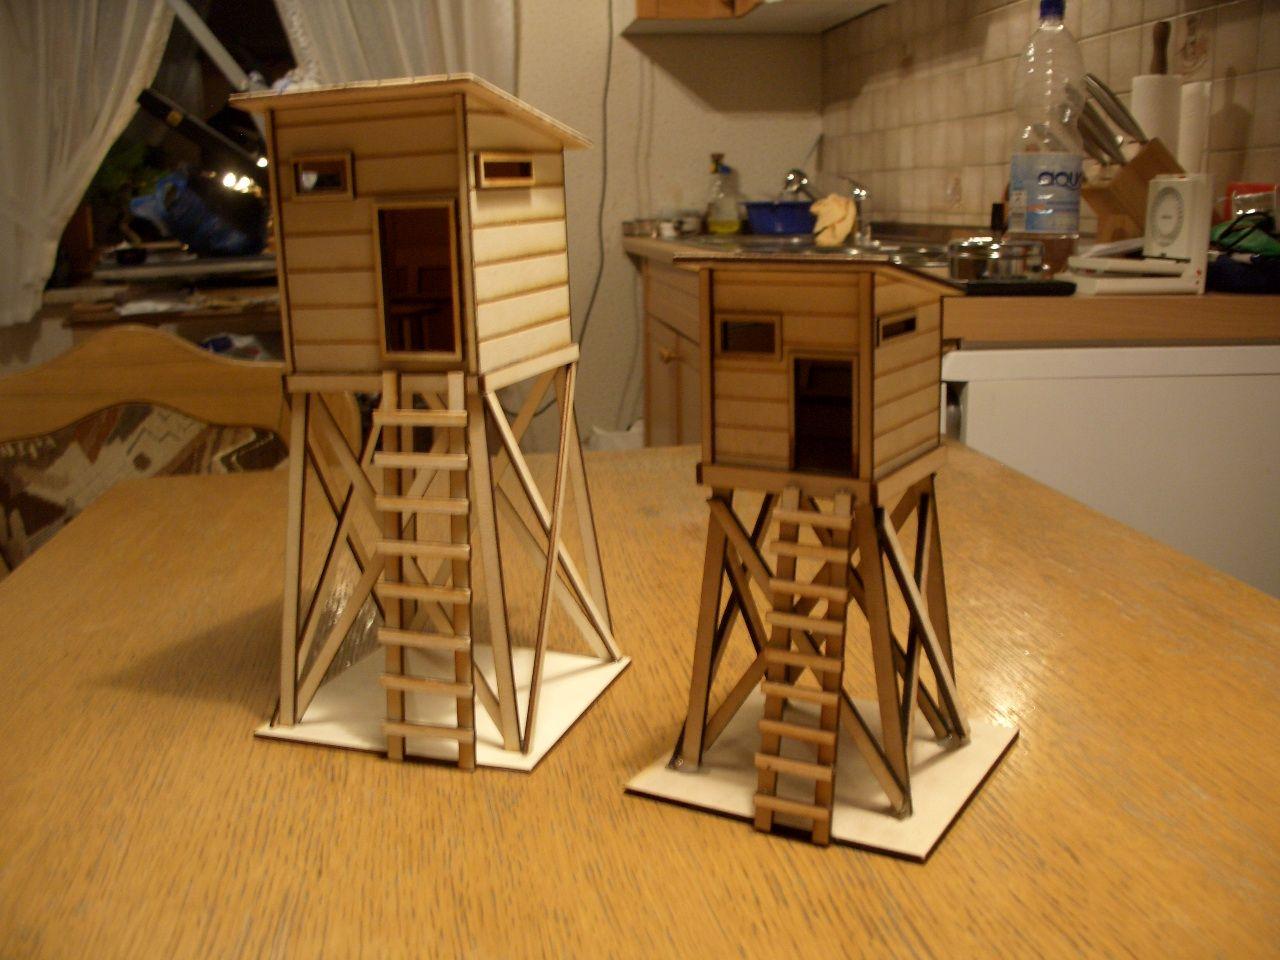 Puzzle box diesmal als hochsitz als geschenk f r einen j ger hunting and fishing gifts - Geldgeschenke aus holz ...